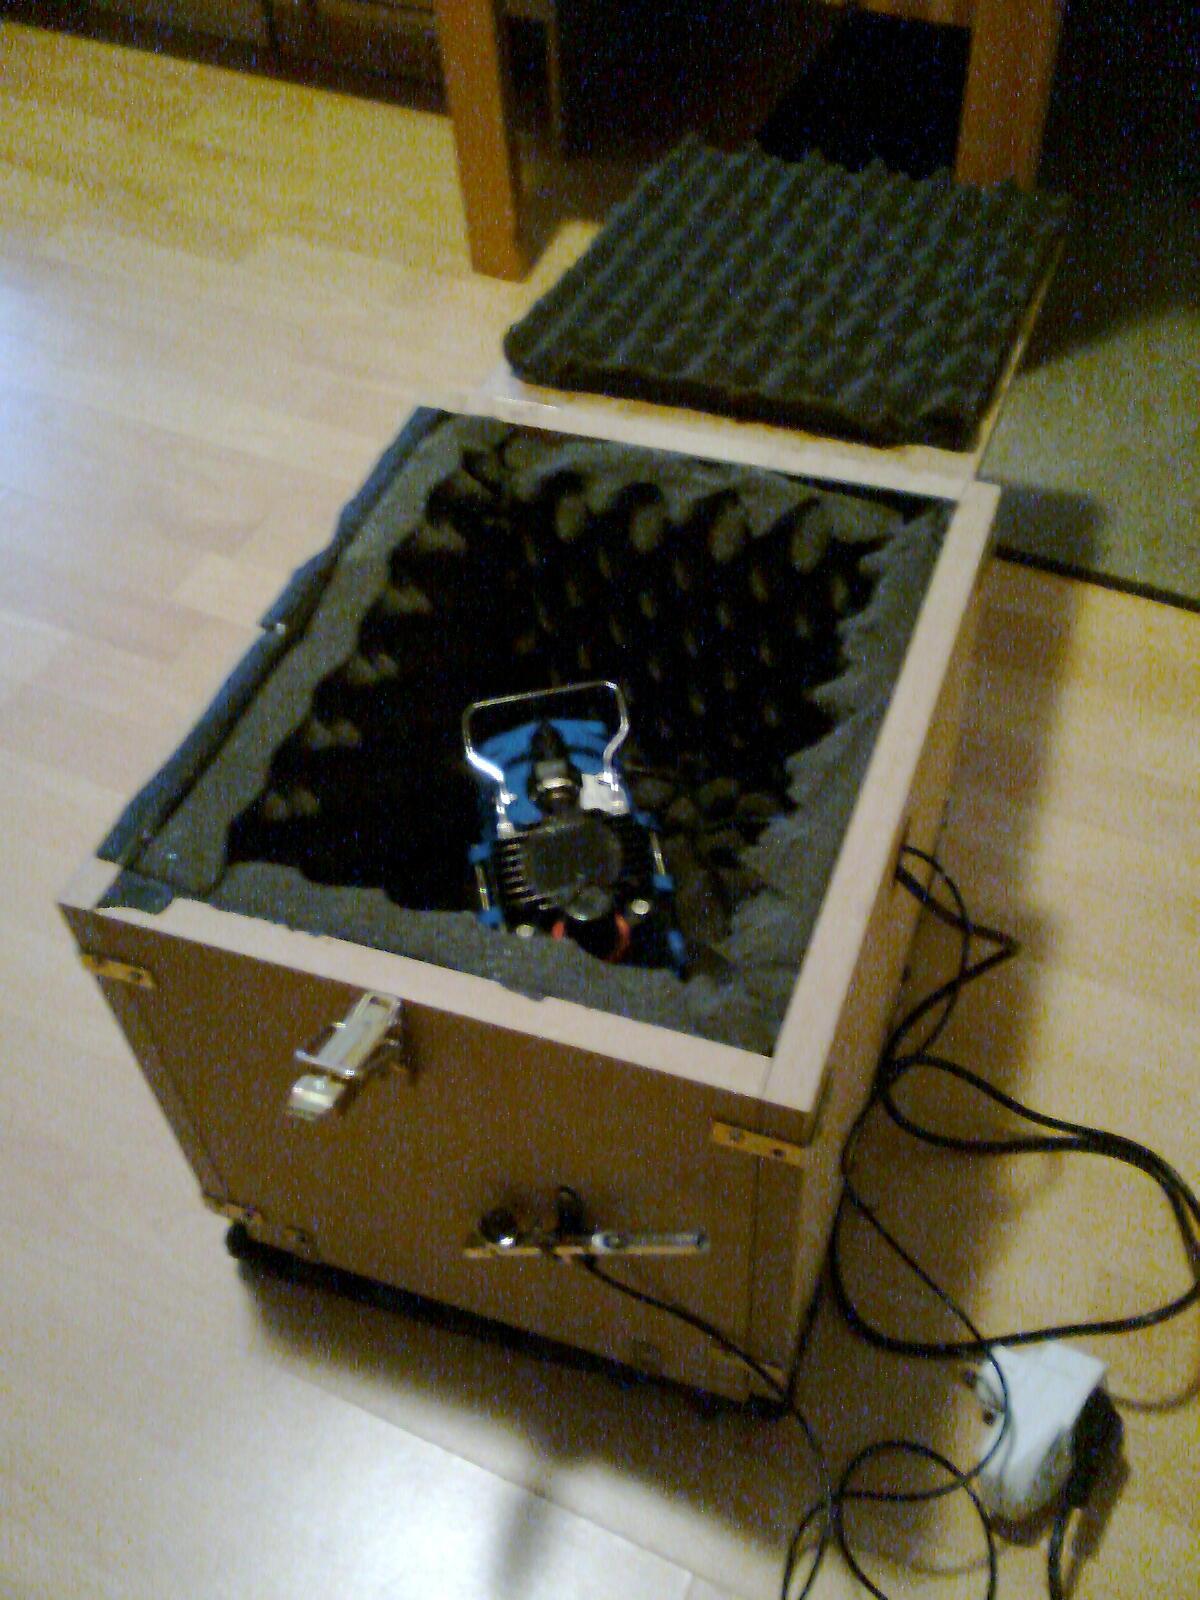 Top Kompressor zu laut? Schallschutzbox bauen! DC26